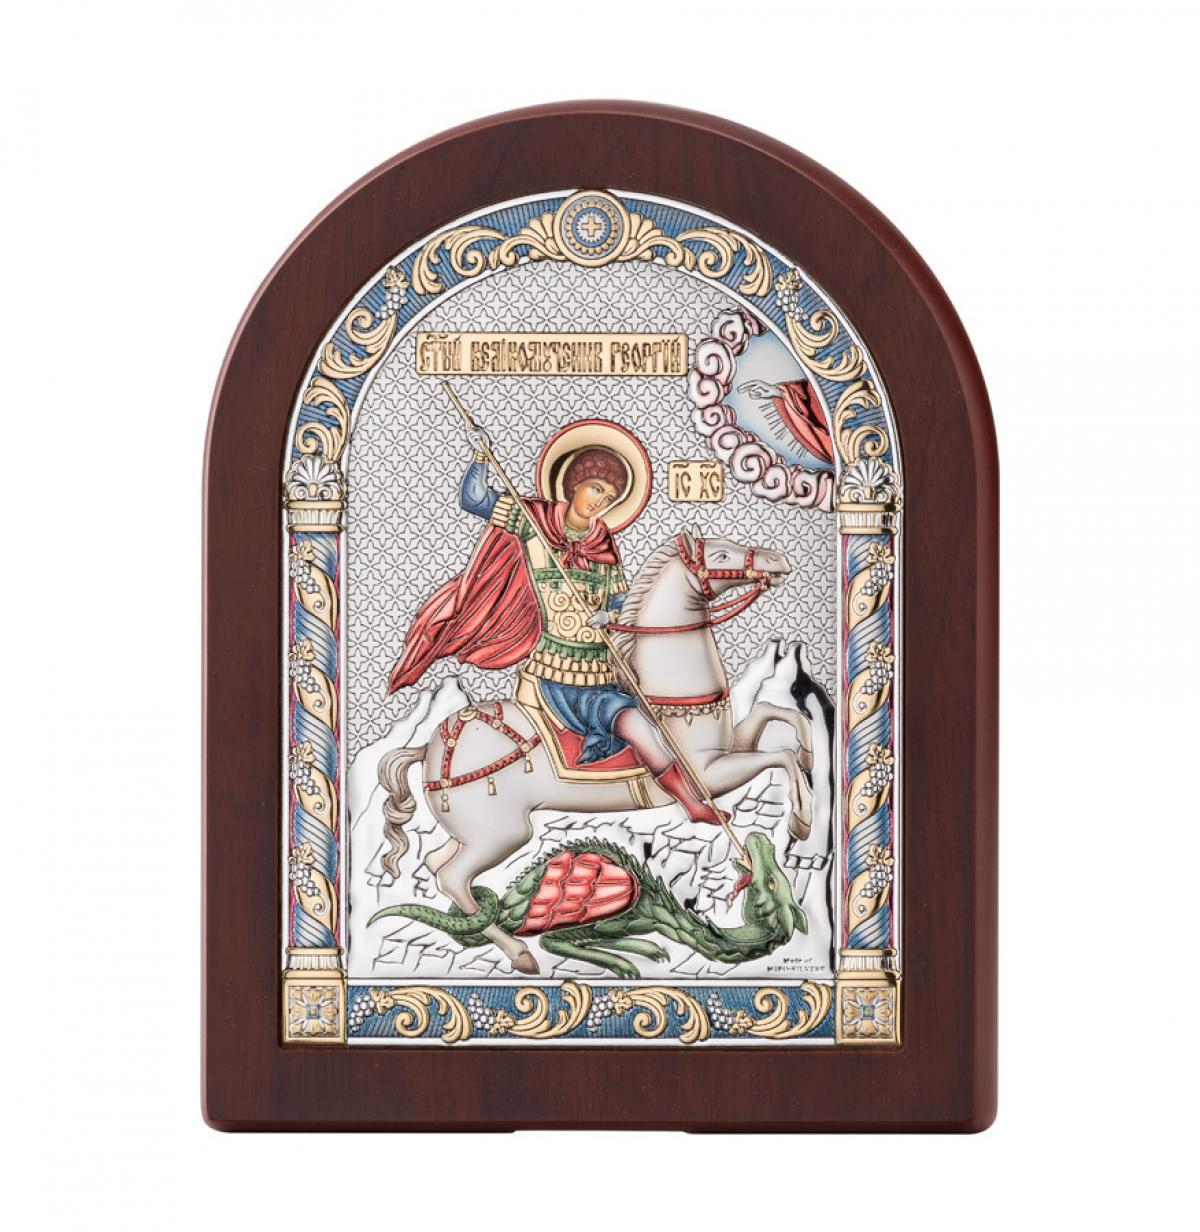 Ікона срібна Святий Георгій 16х20см 84128 4LCOL